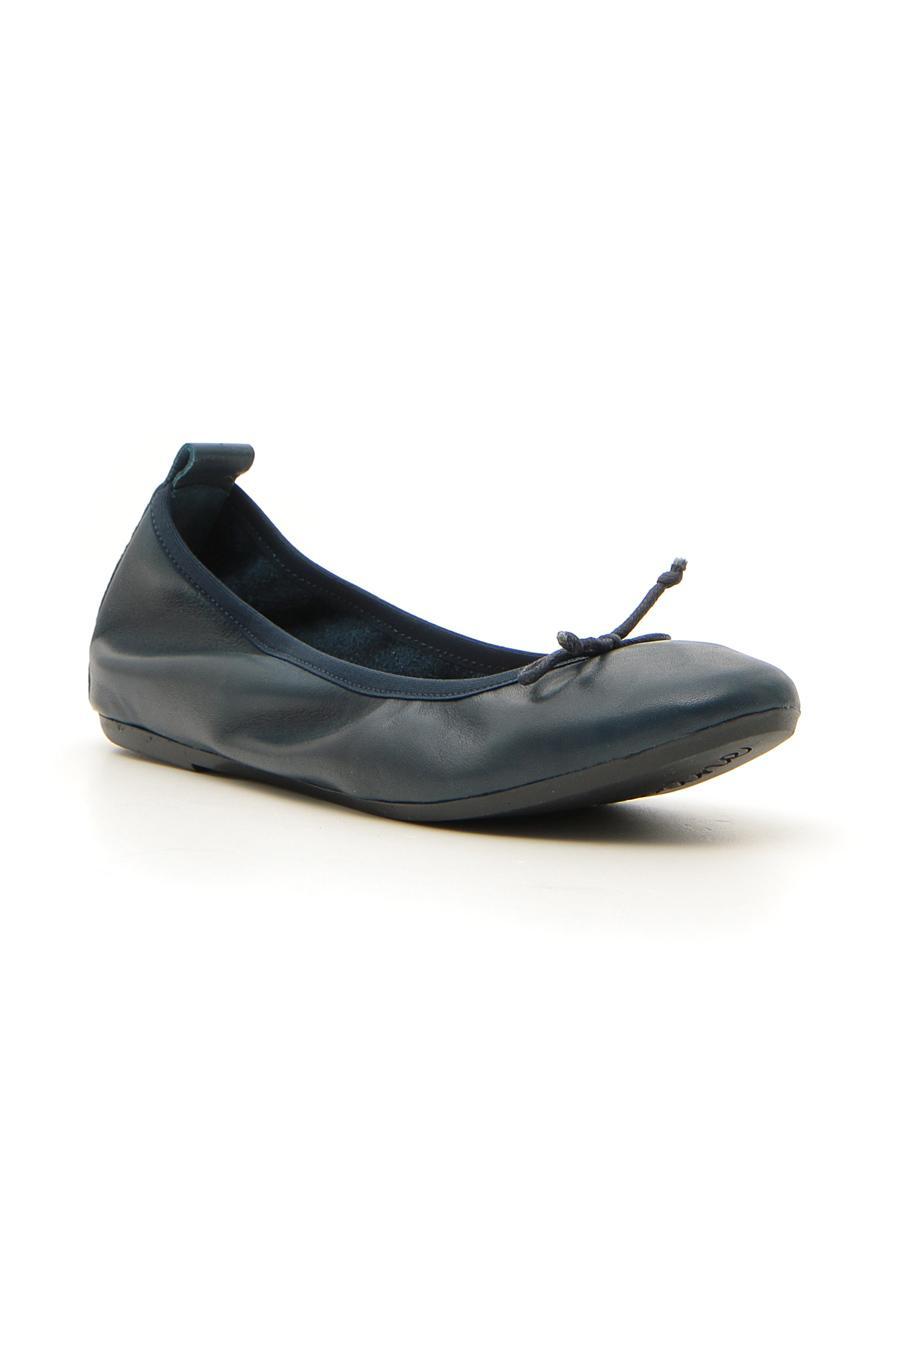 BALLERINE MIO TEMPO 2067 donna blu | Pittarello